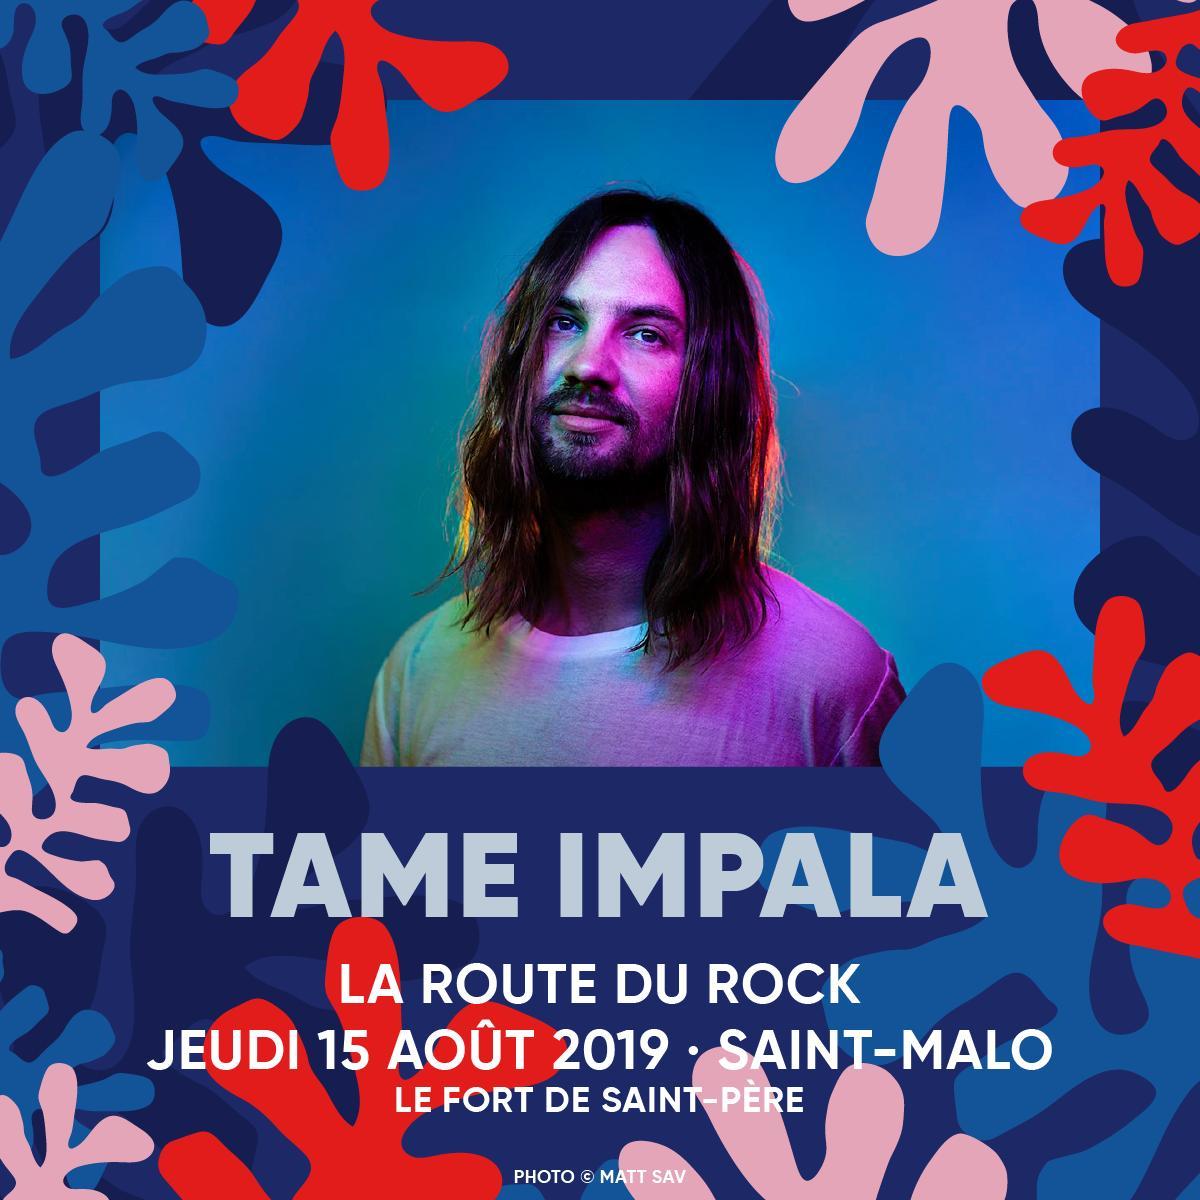 France 🇫🇷 Tame Impala play LA ROUTE DU ROCK on August 15... laroutedurock.com